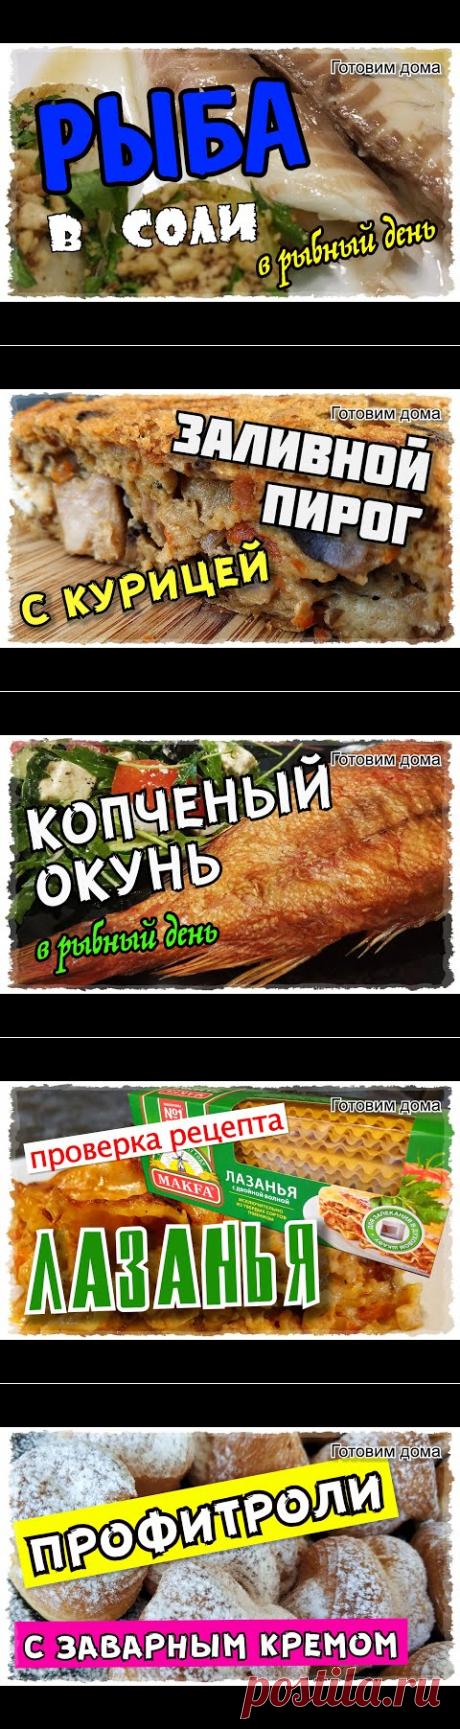 (4) Рыба в СОЛИ. Простейший РЕЦЕПТ приготовления РЫБЫ. - YouTube